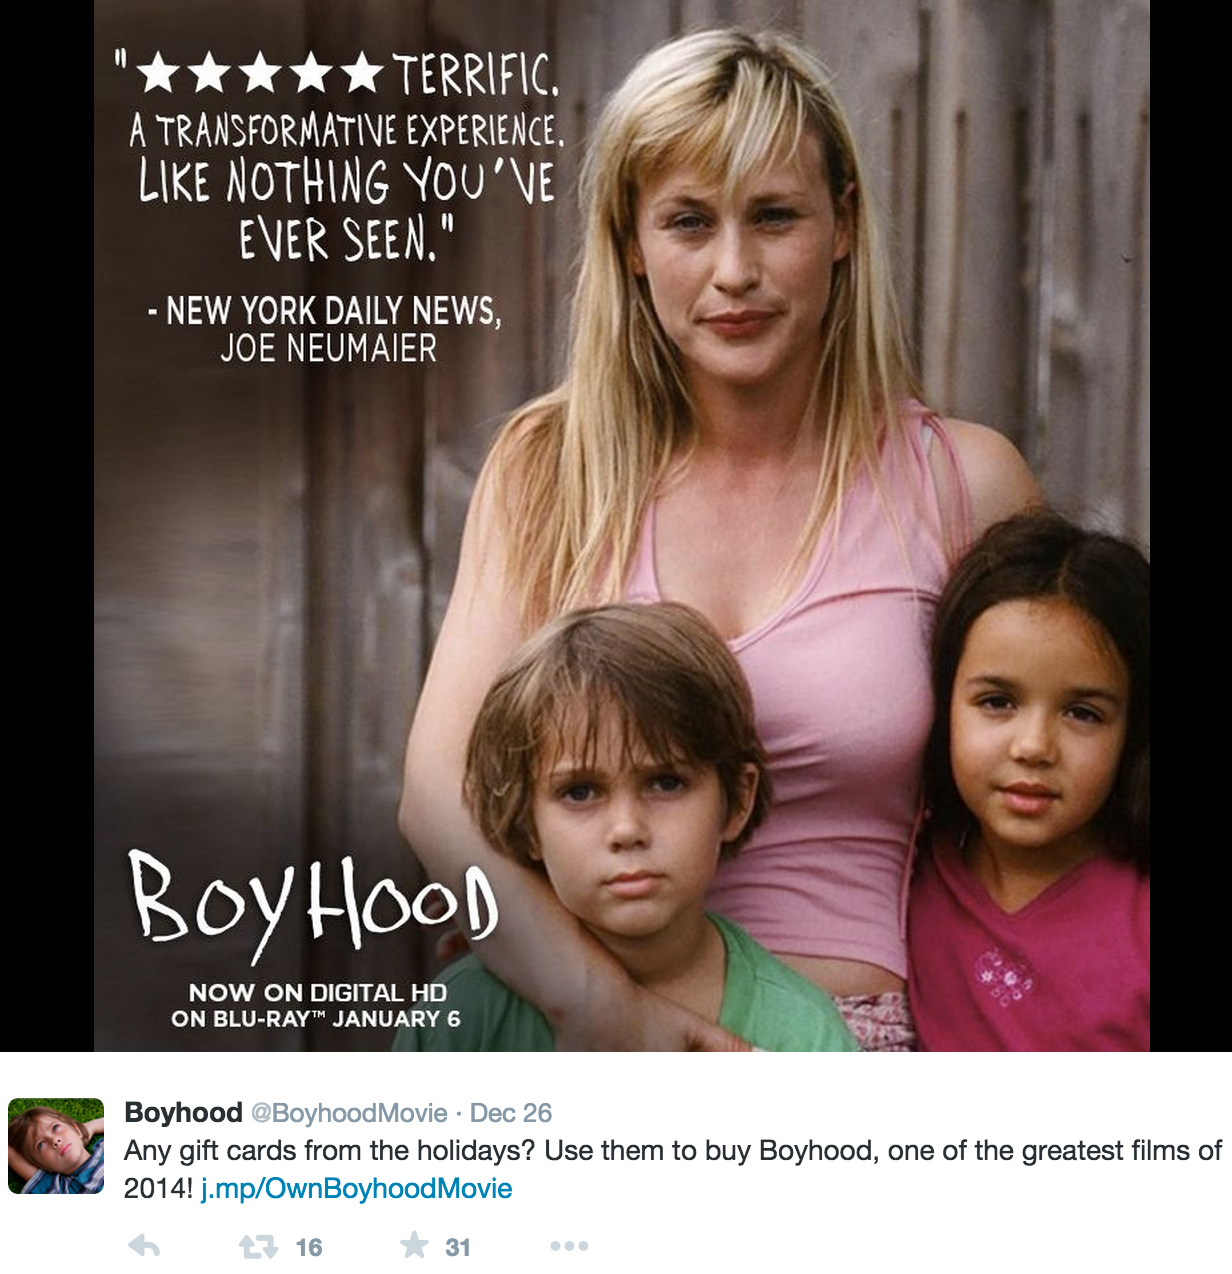 boyhood images usseekcom